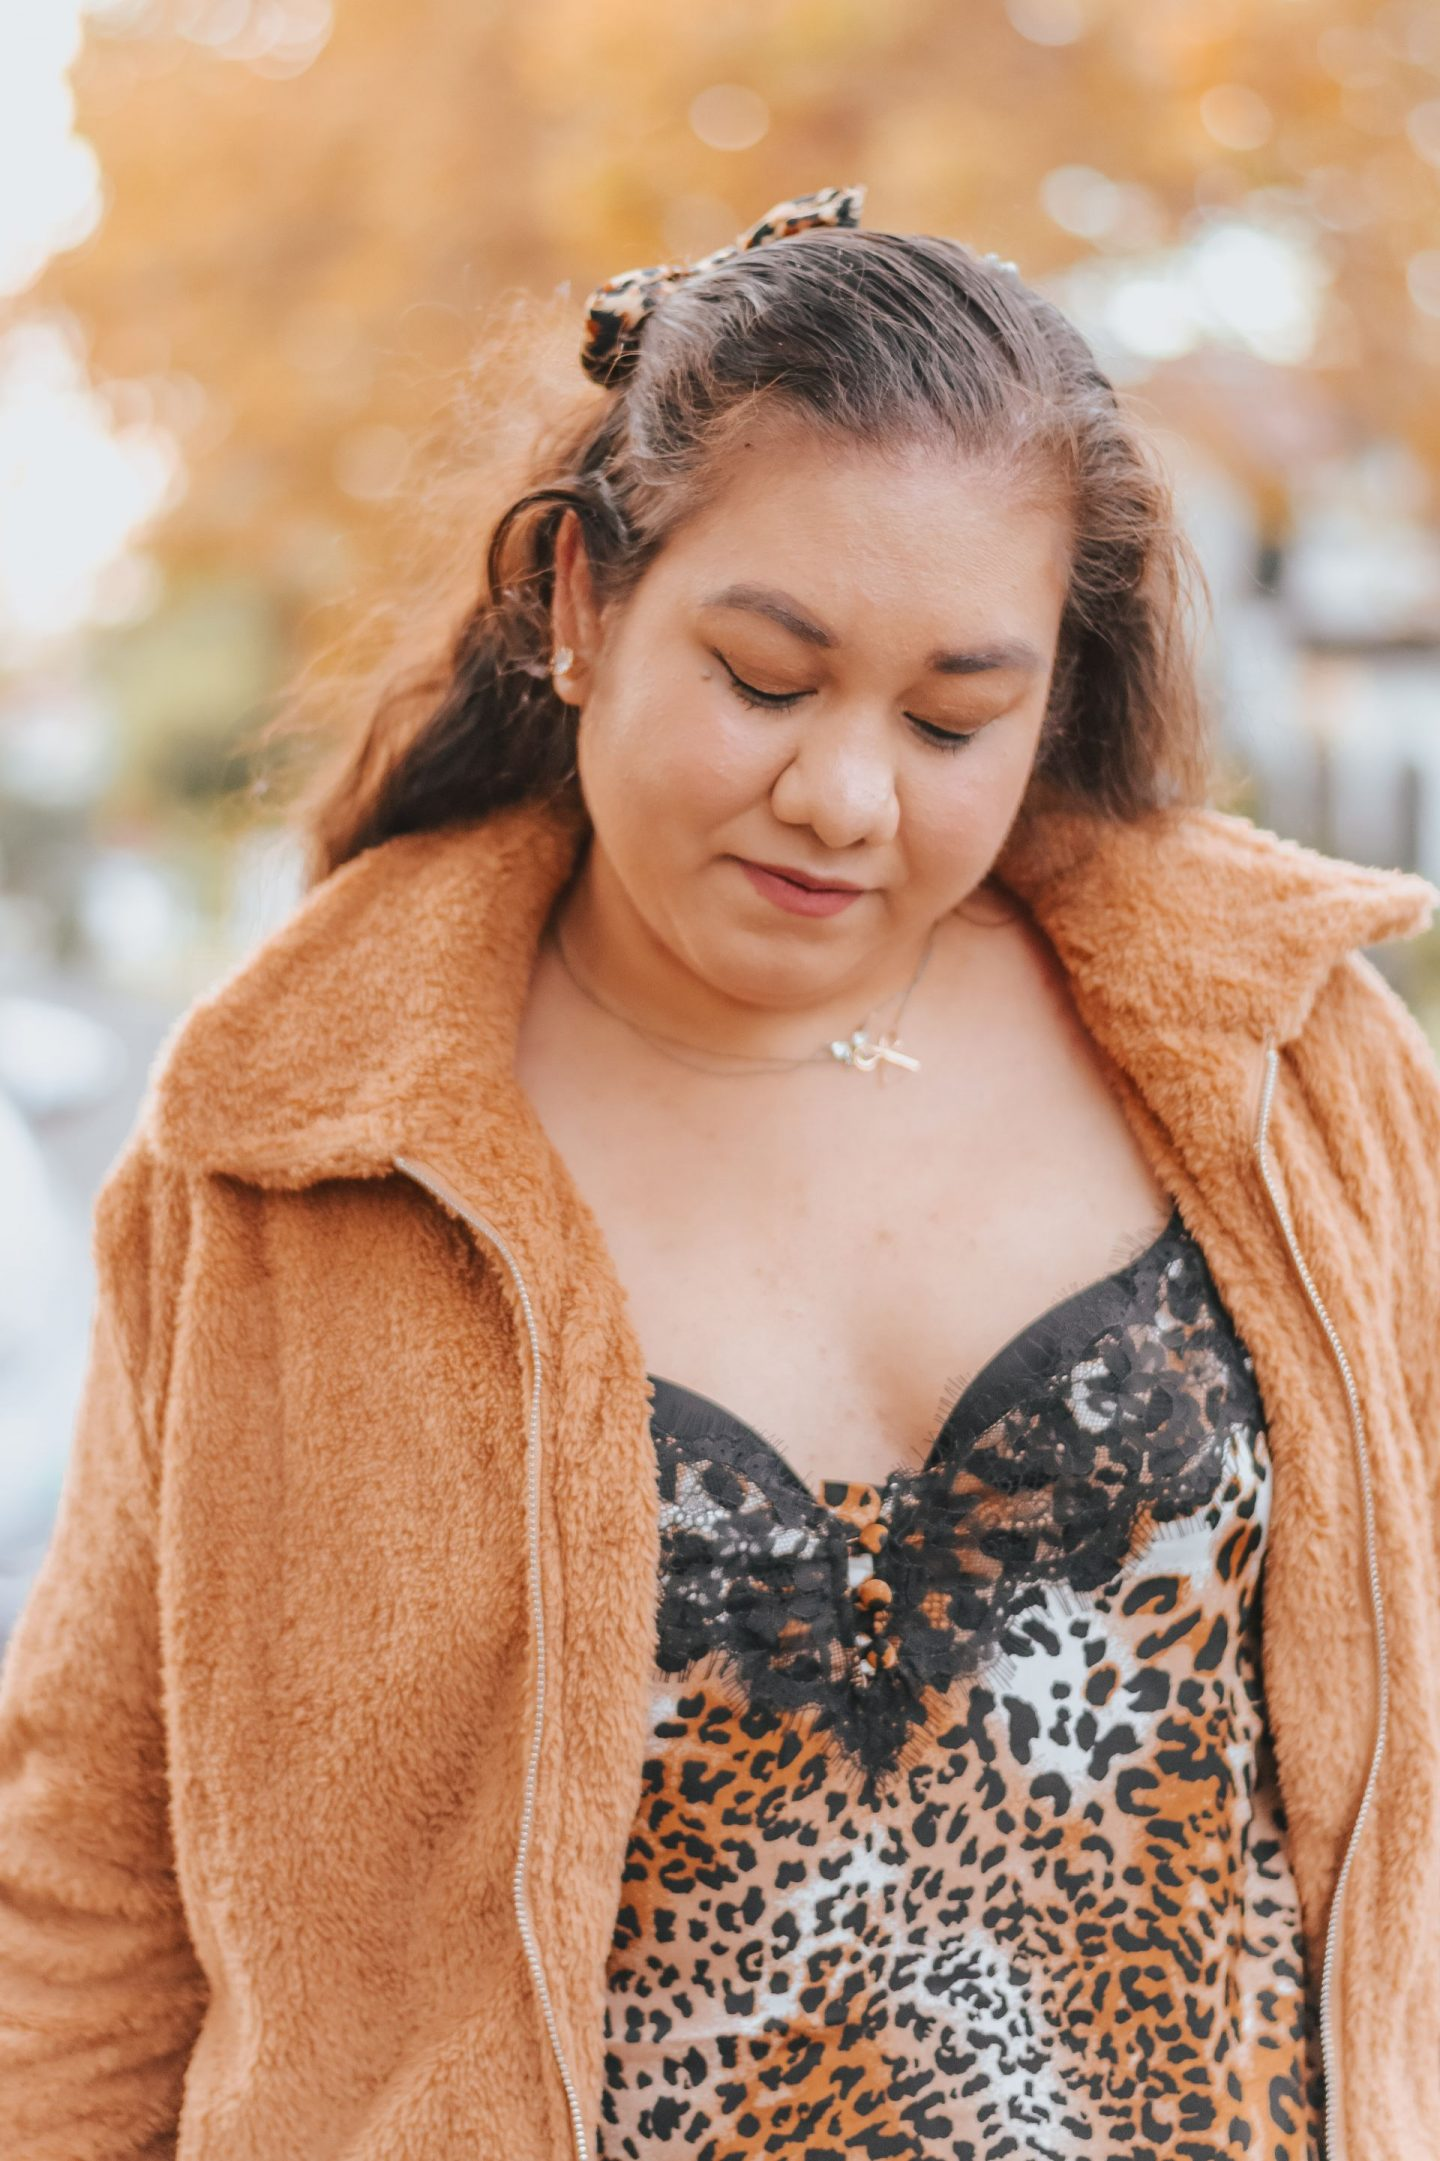 An Effortless Way to Wear Leopard for Fall